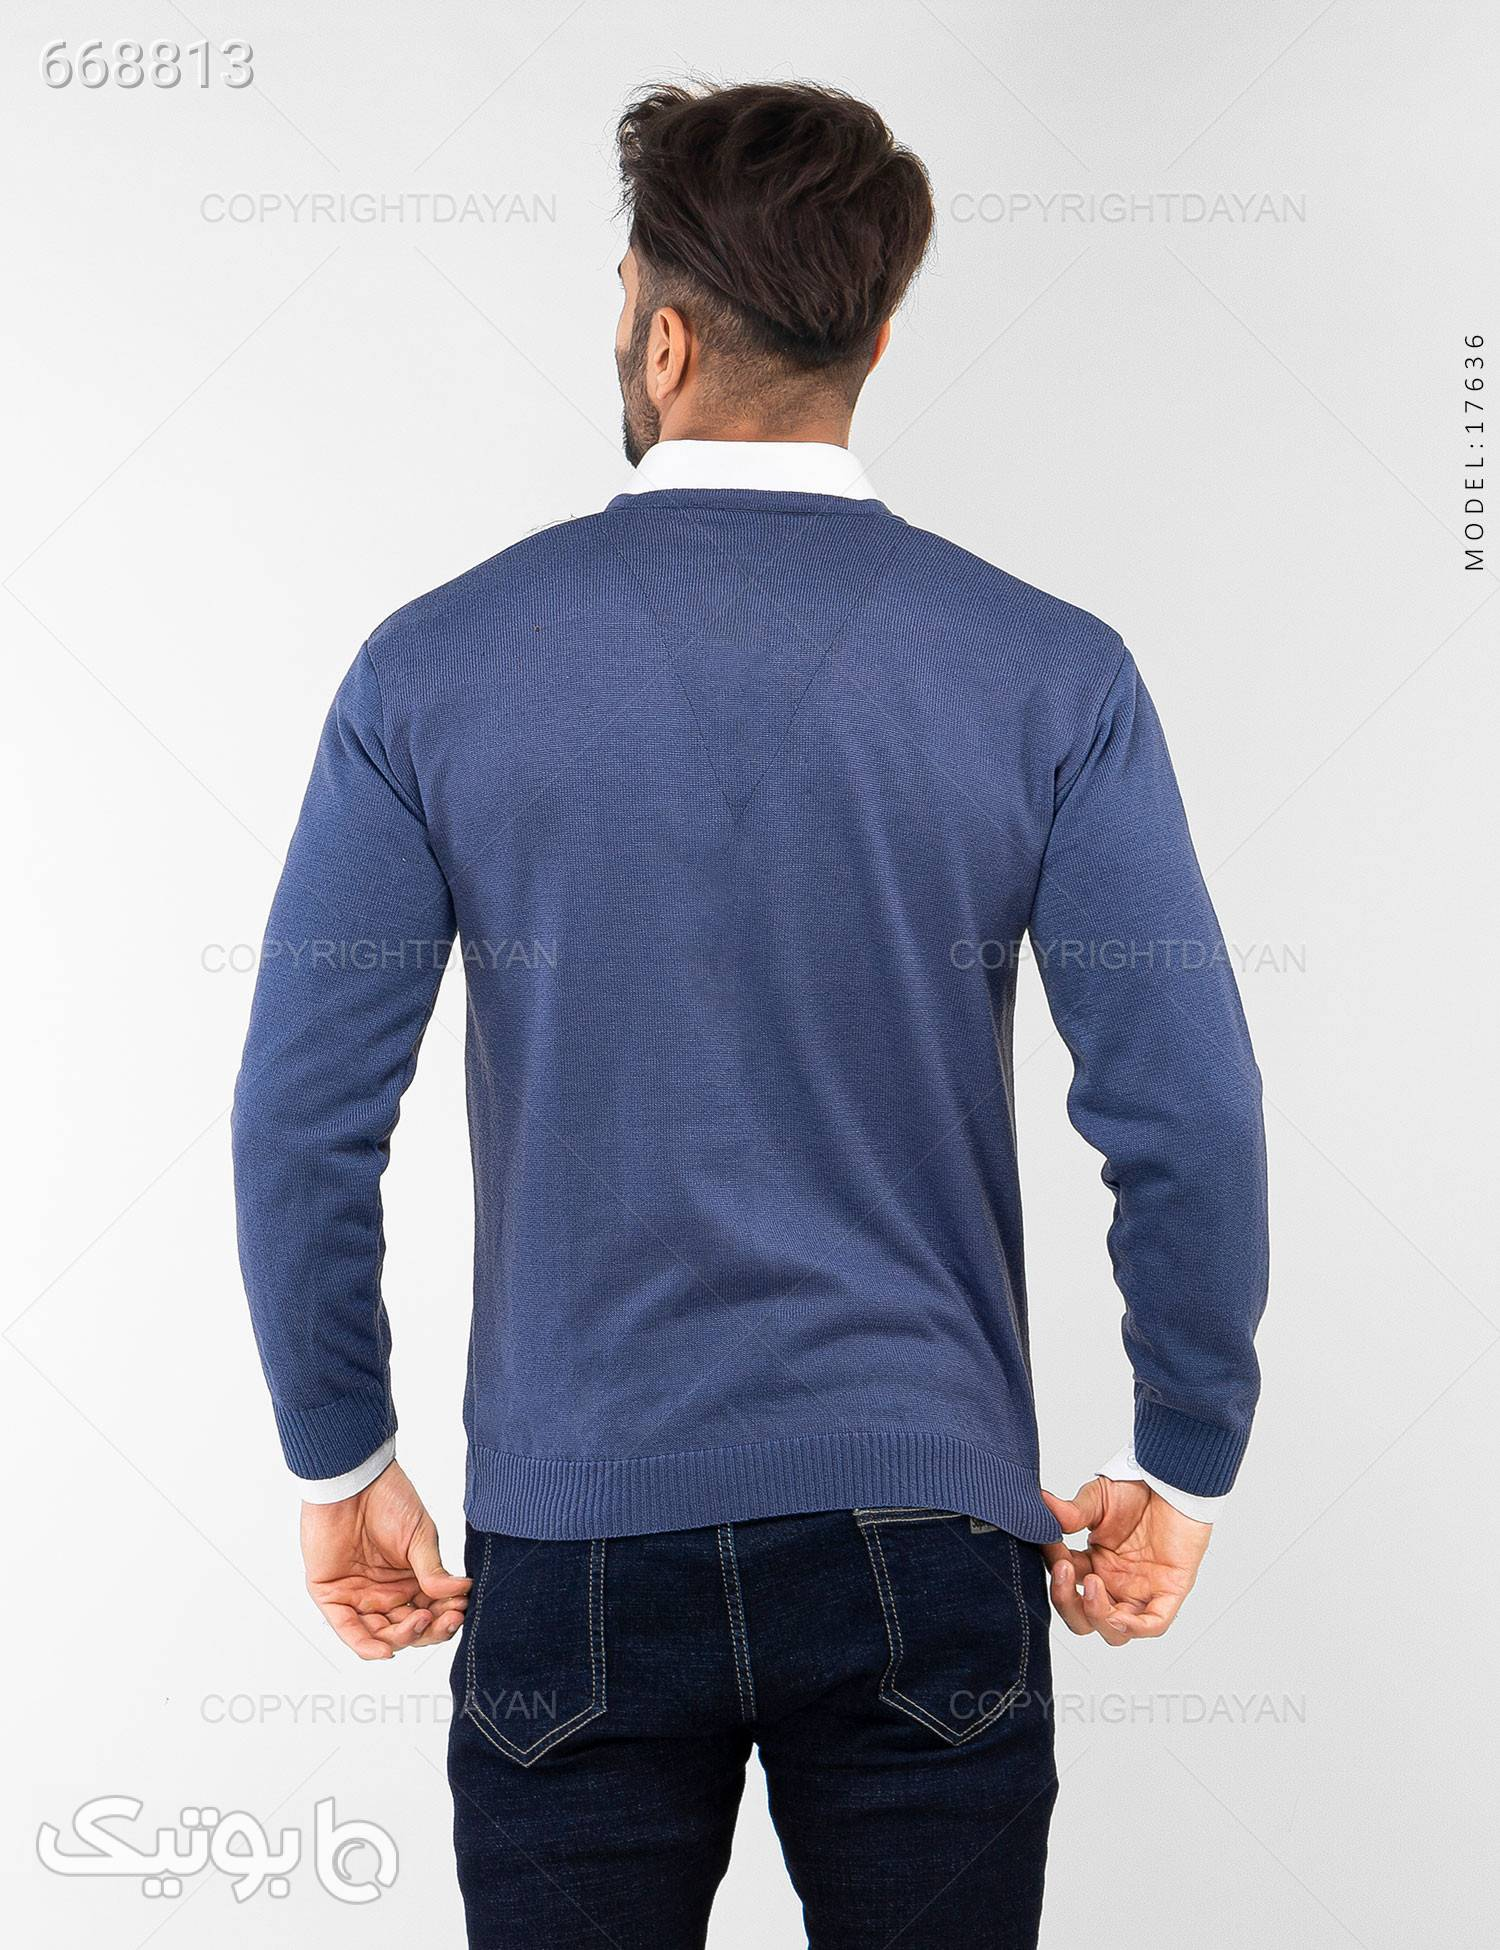 بافت مردانه Enzo مدل 17636 آبی پليور و ژاکت مردانه